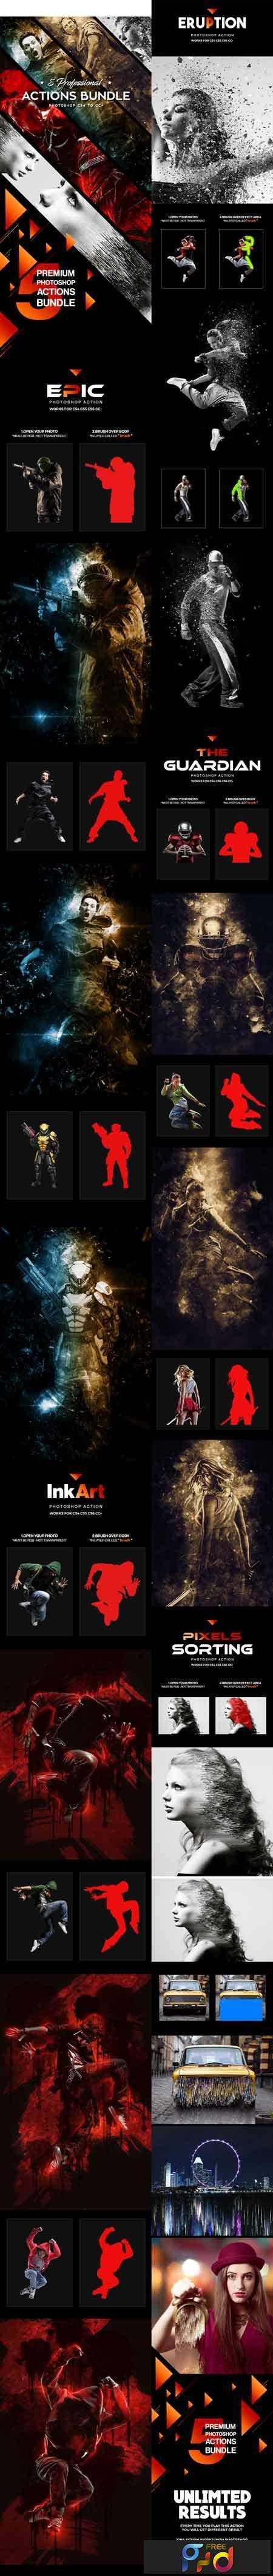 FreePsdVn.com_1704238_PHOTOSHOP_five_photoshop_actions_bundle_20326670